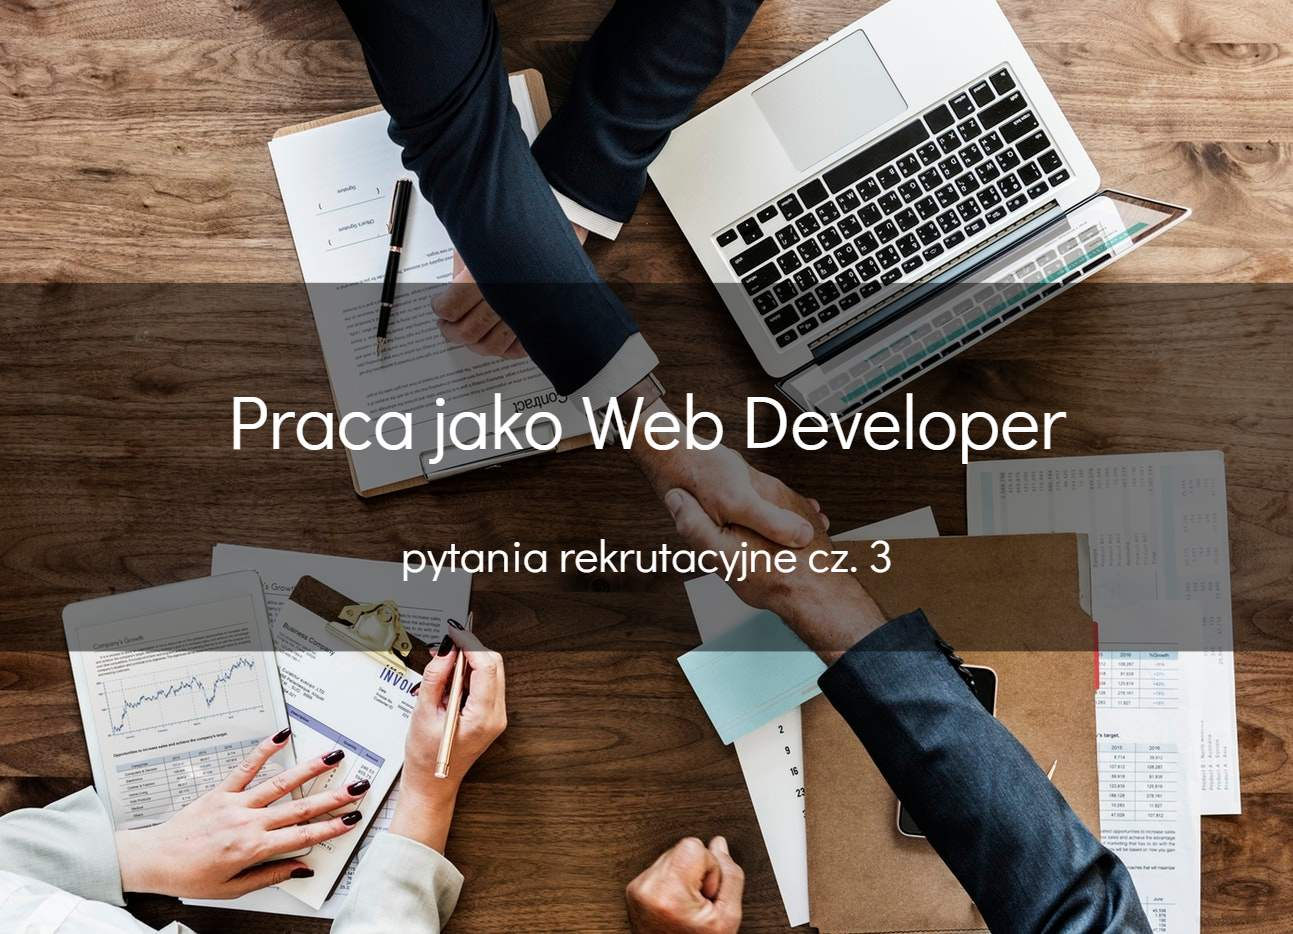 Web developer – pytania rekrutacyjne cz.3